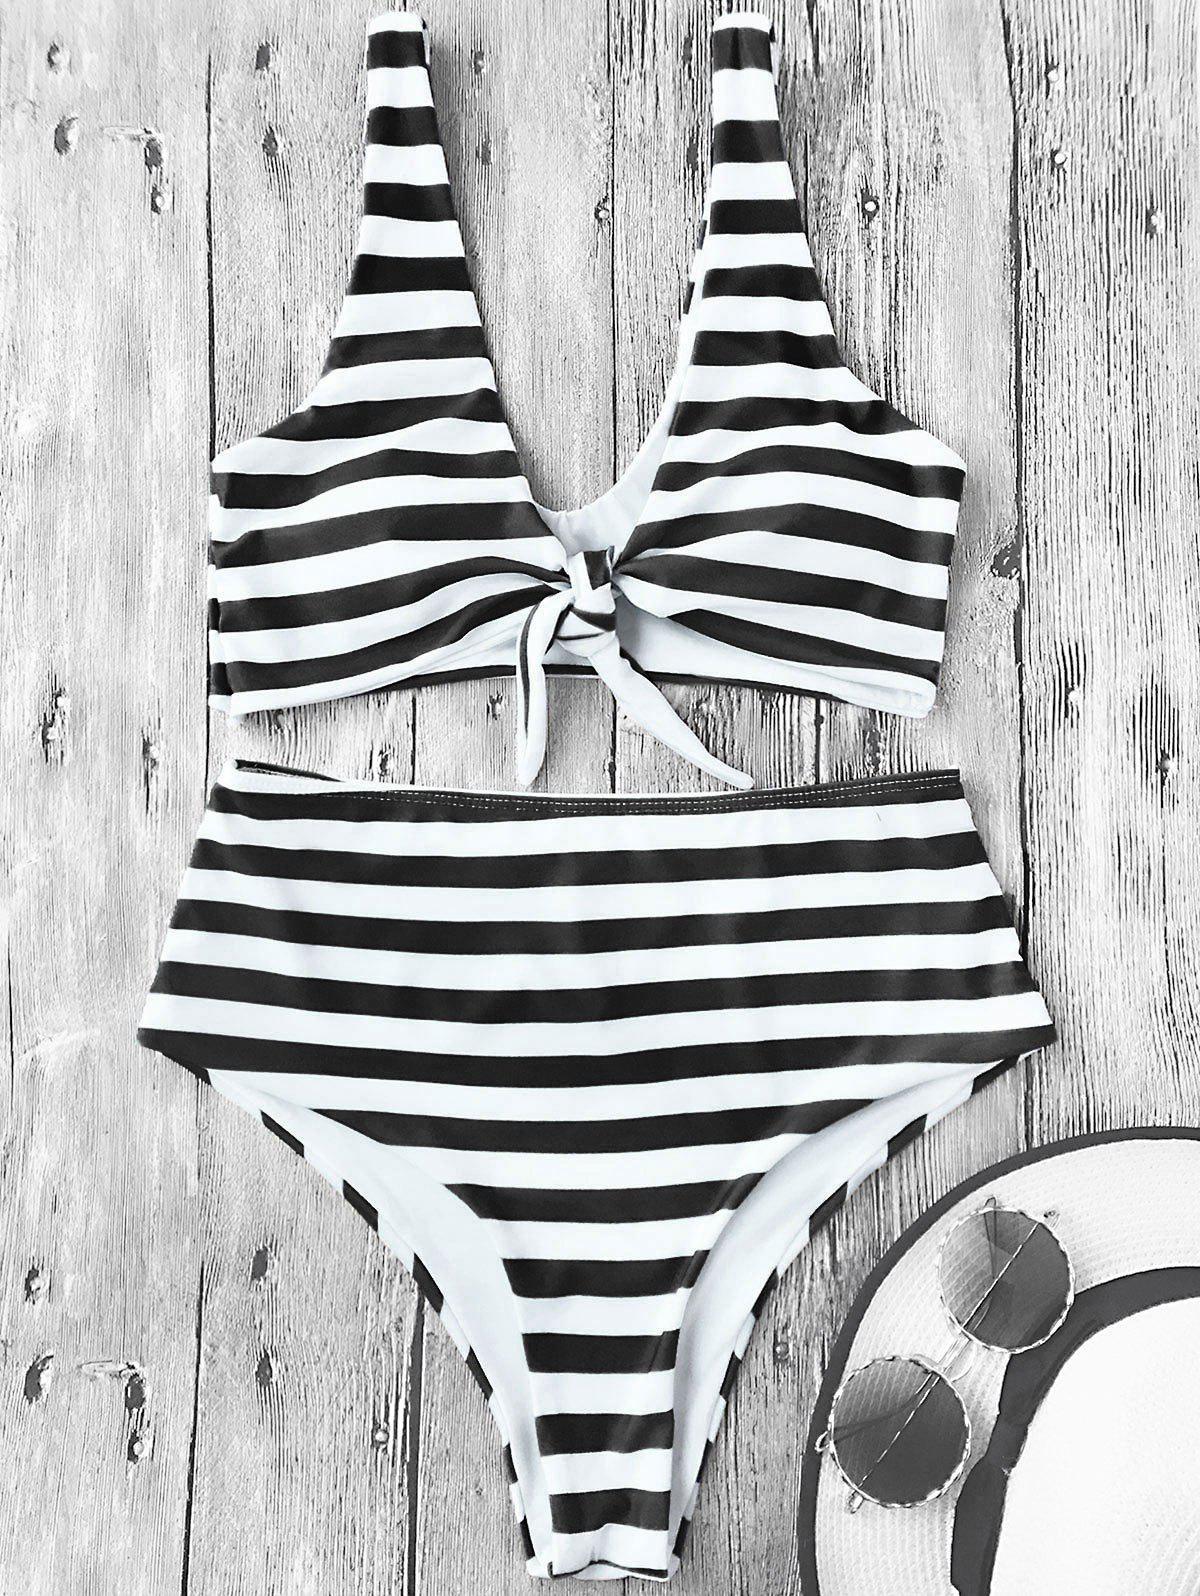 Knotted Striped High Waisted Bikini Set 217954405